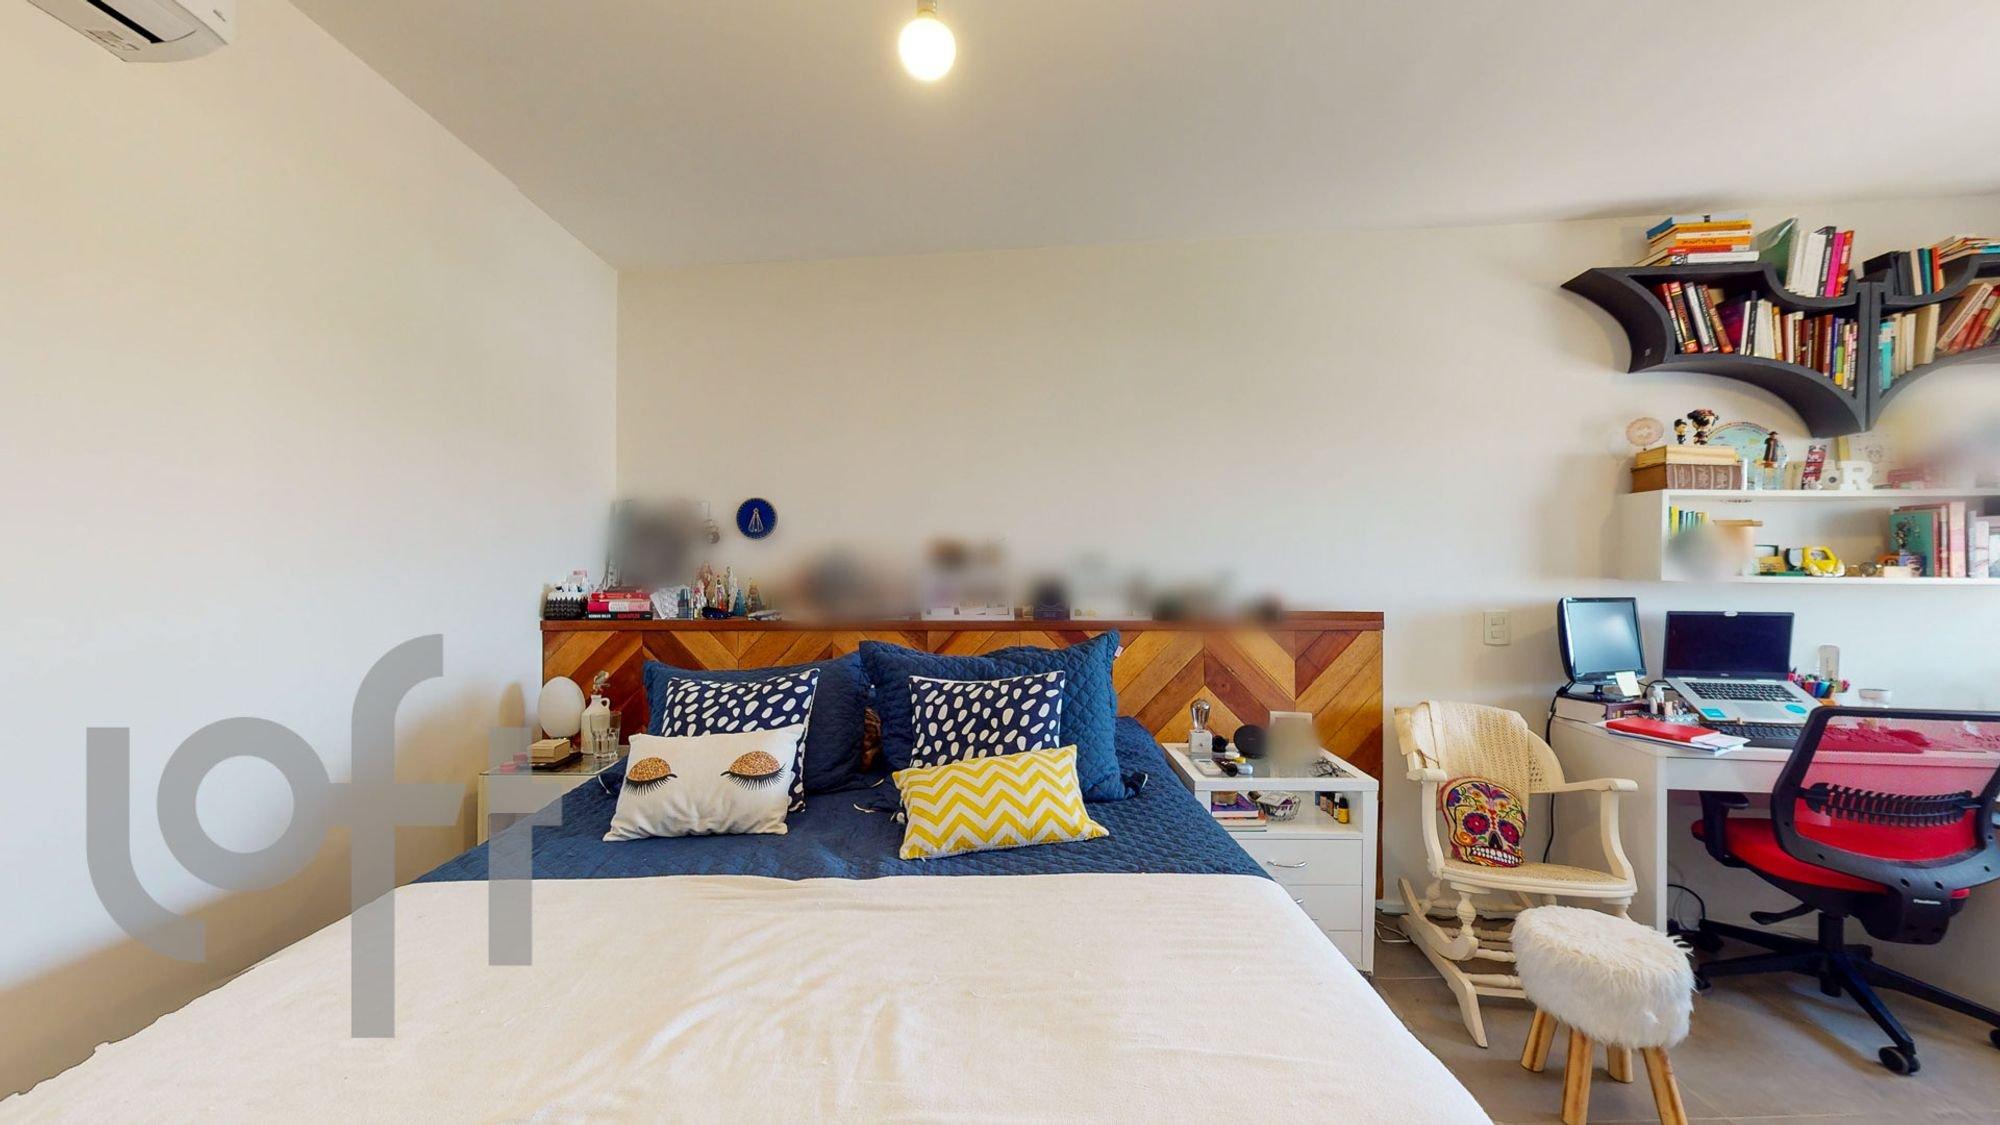 Foto de Quarto com cama, cadeira, livro